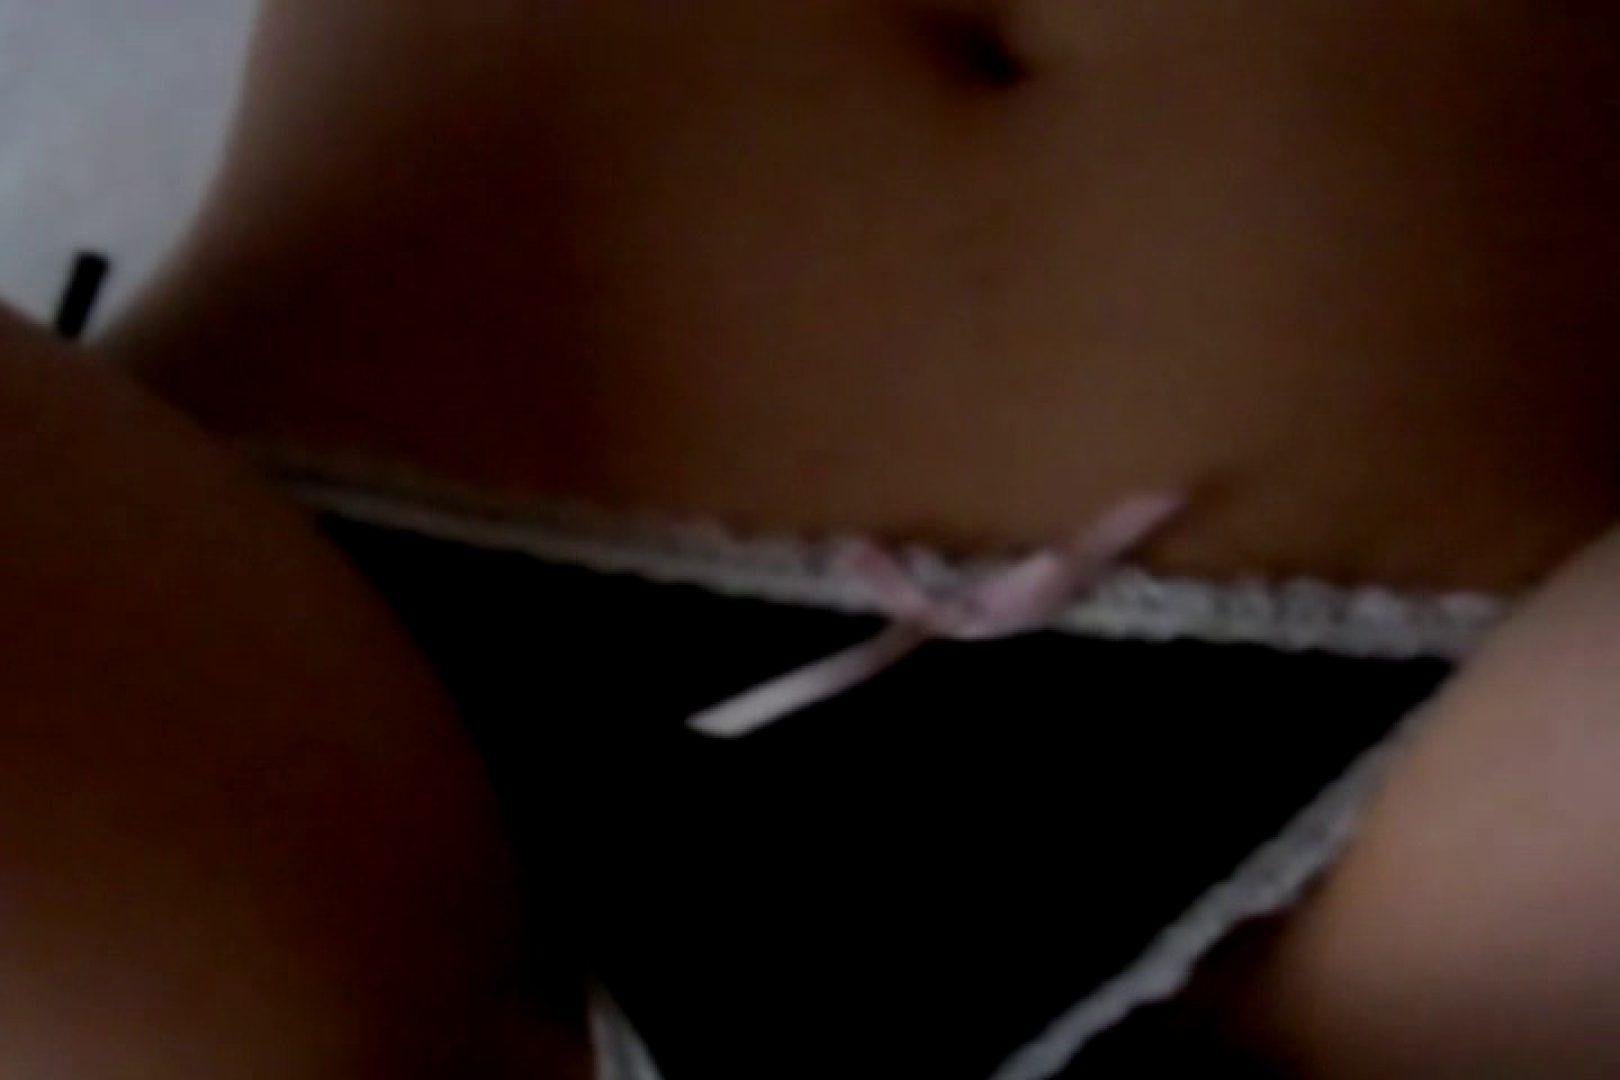 ウイルス流出 レオ&マンコのアルバム プライベート  85PIX 75